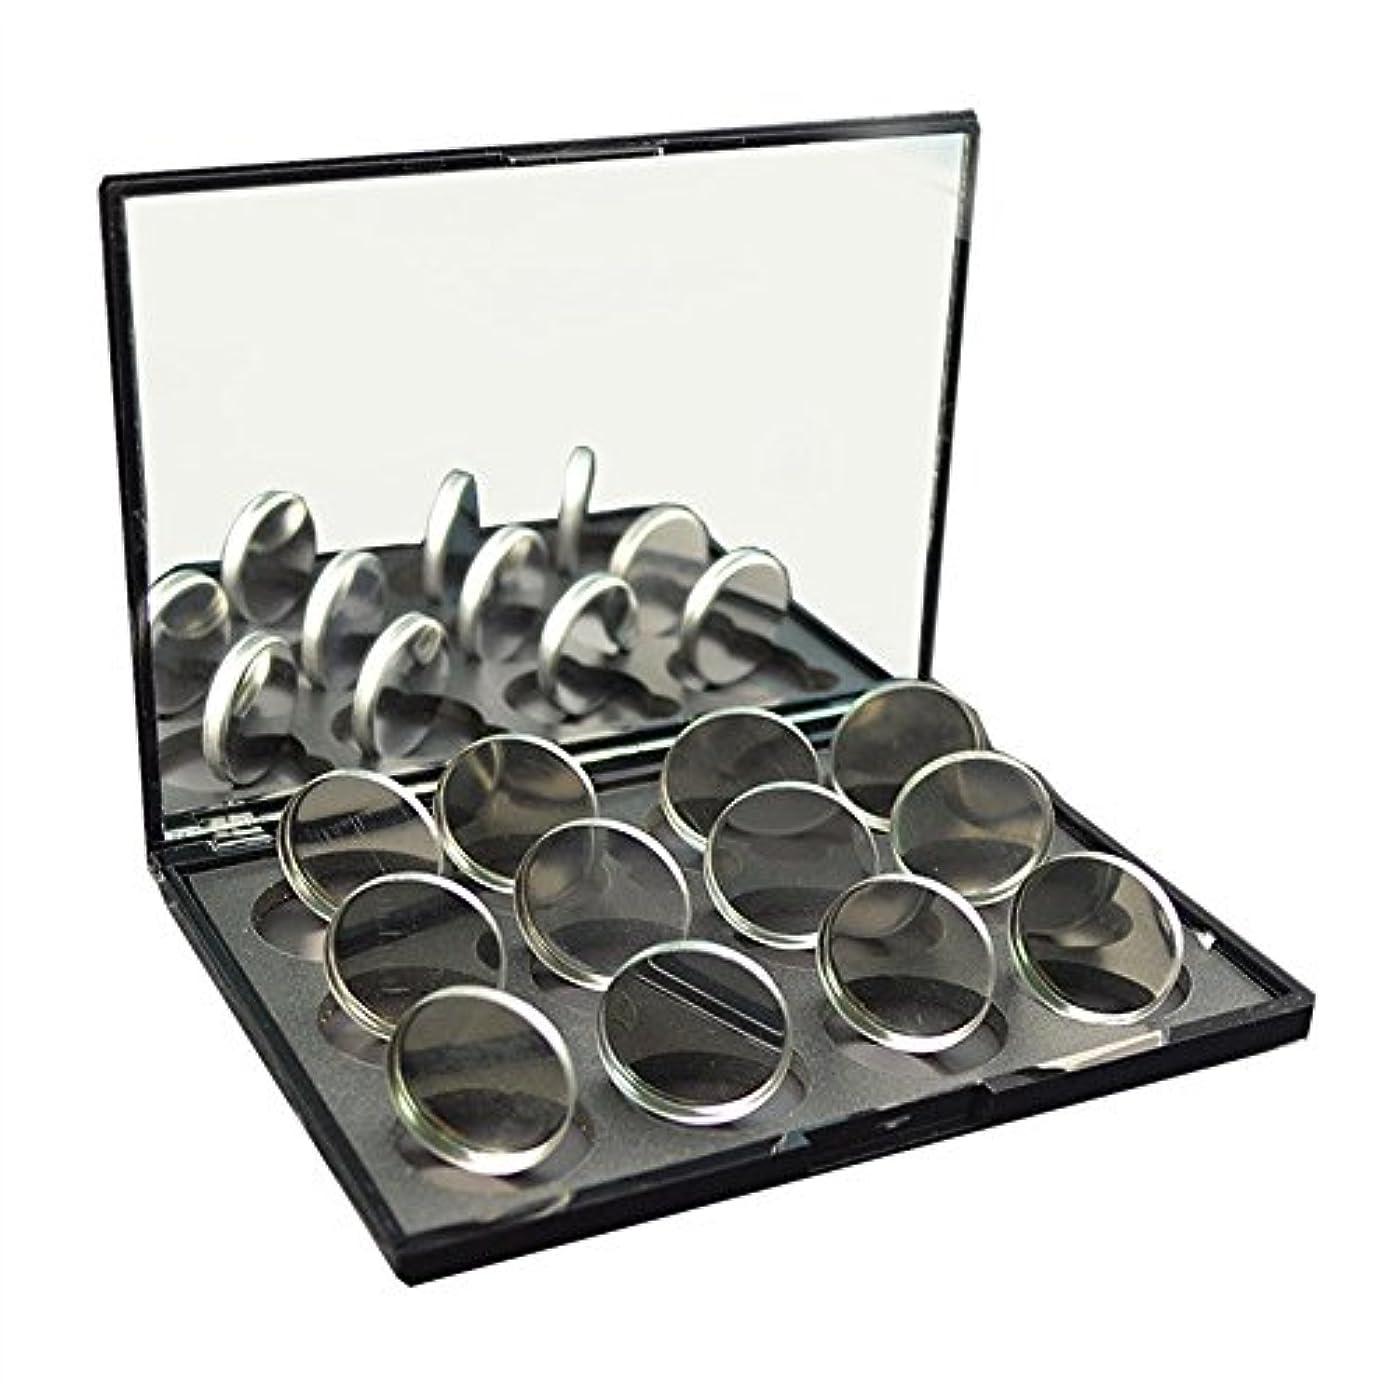 頭蓋骨強打ムスタチオ磁石に敏感な粉のアイシャドウ26mmのための100pcs空の円形の錫鍋